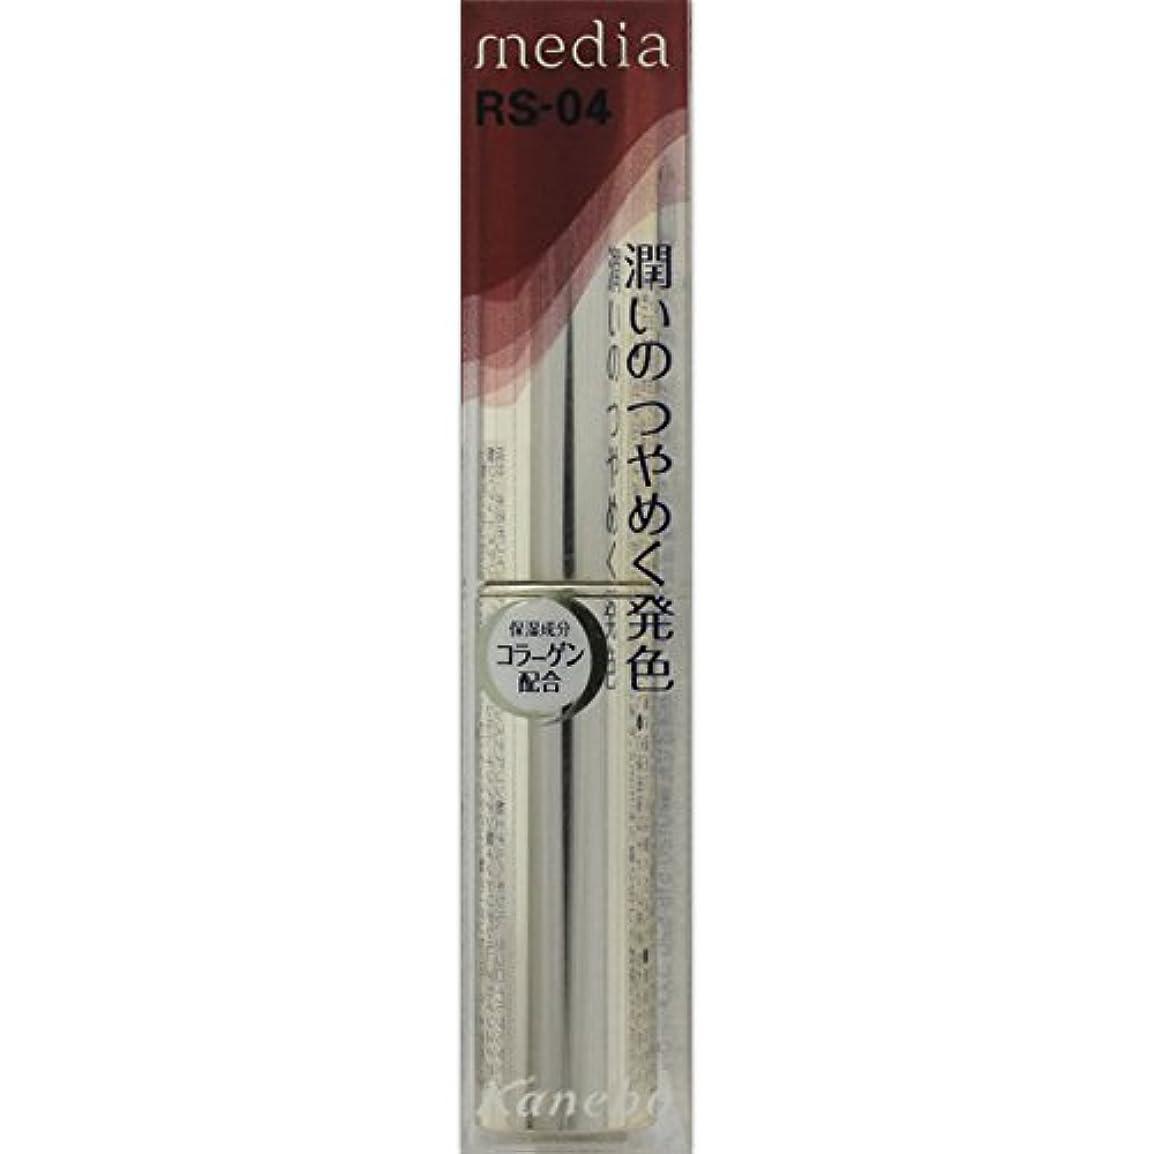 代わりにを立てる手つかずの動かすカネボウ メディア(media)シャイニーエッセンスリップA カラー:RS-04